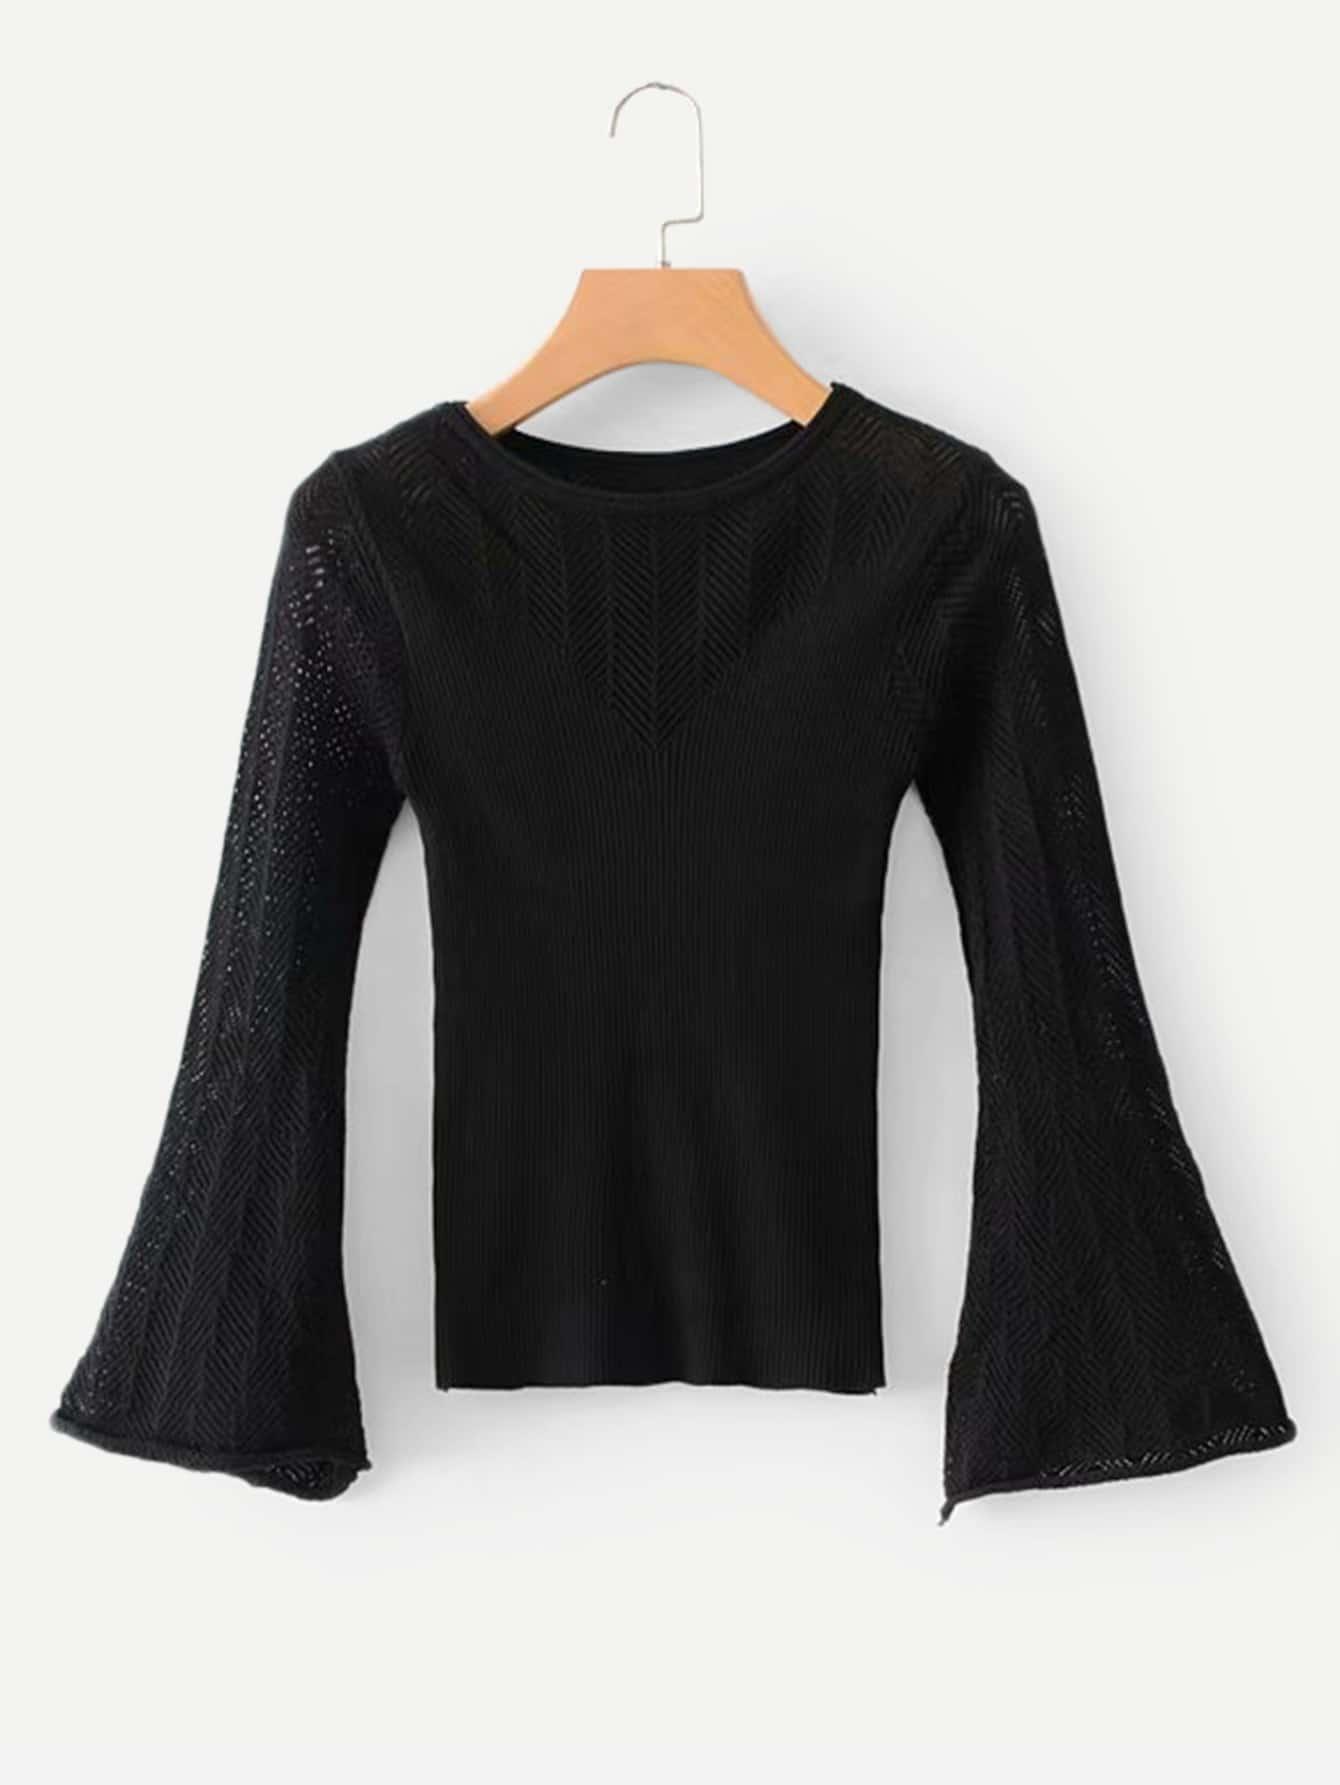 Купить Однотонный свитер с разрезами рукава с розеткой, null, SheIn